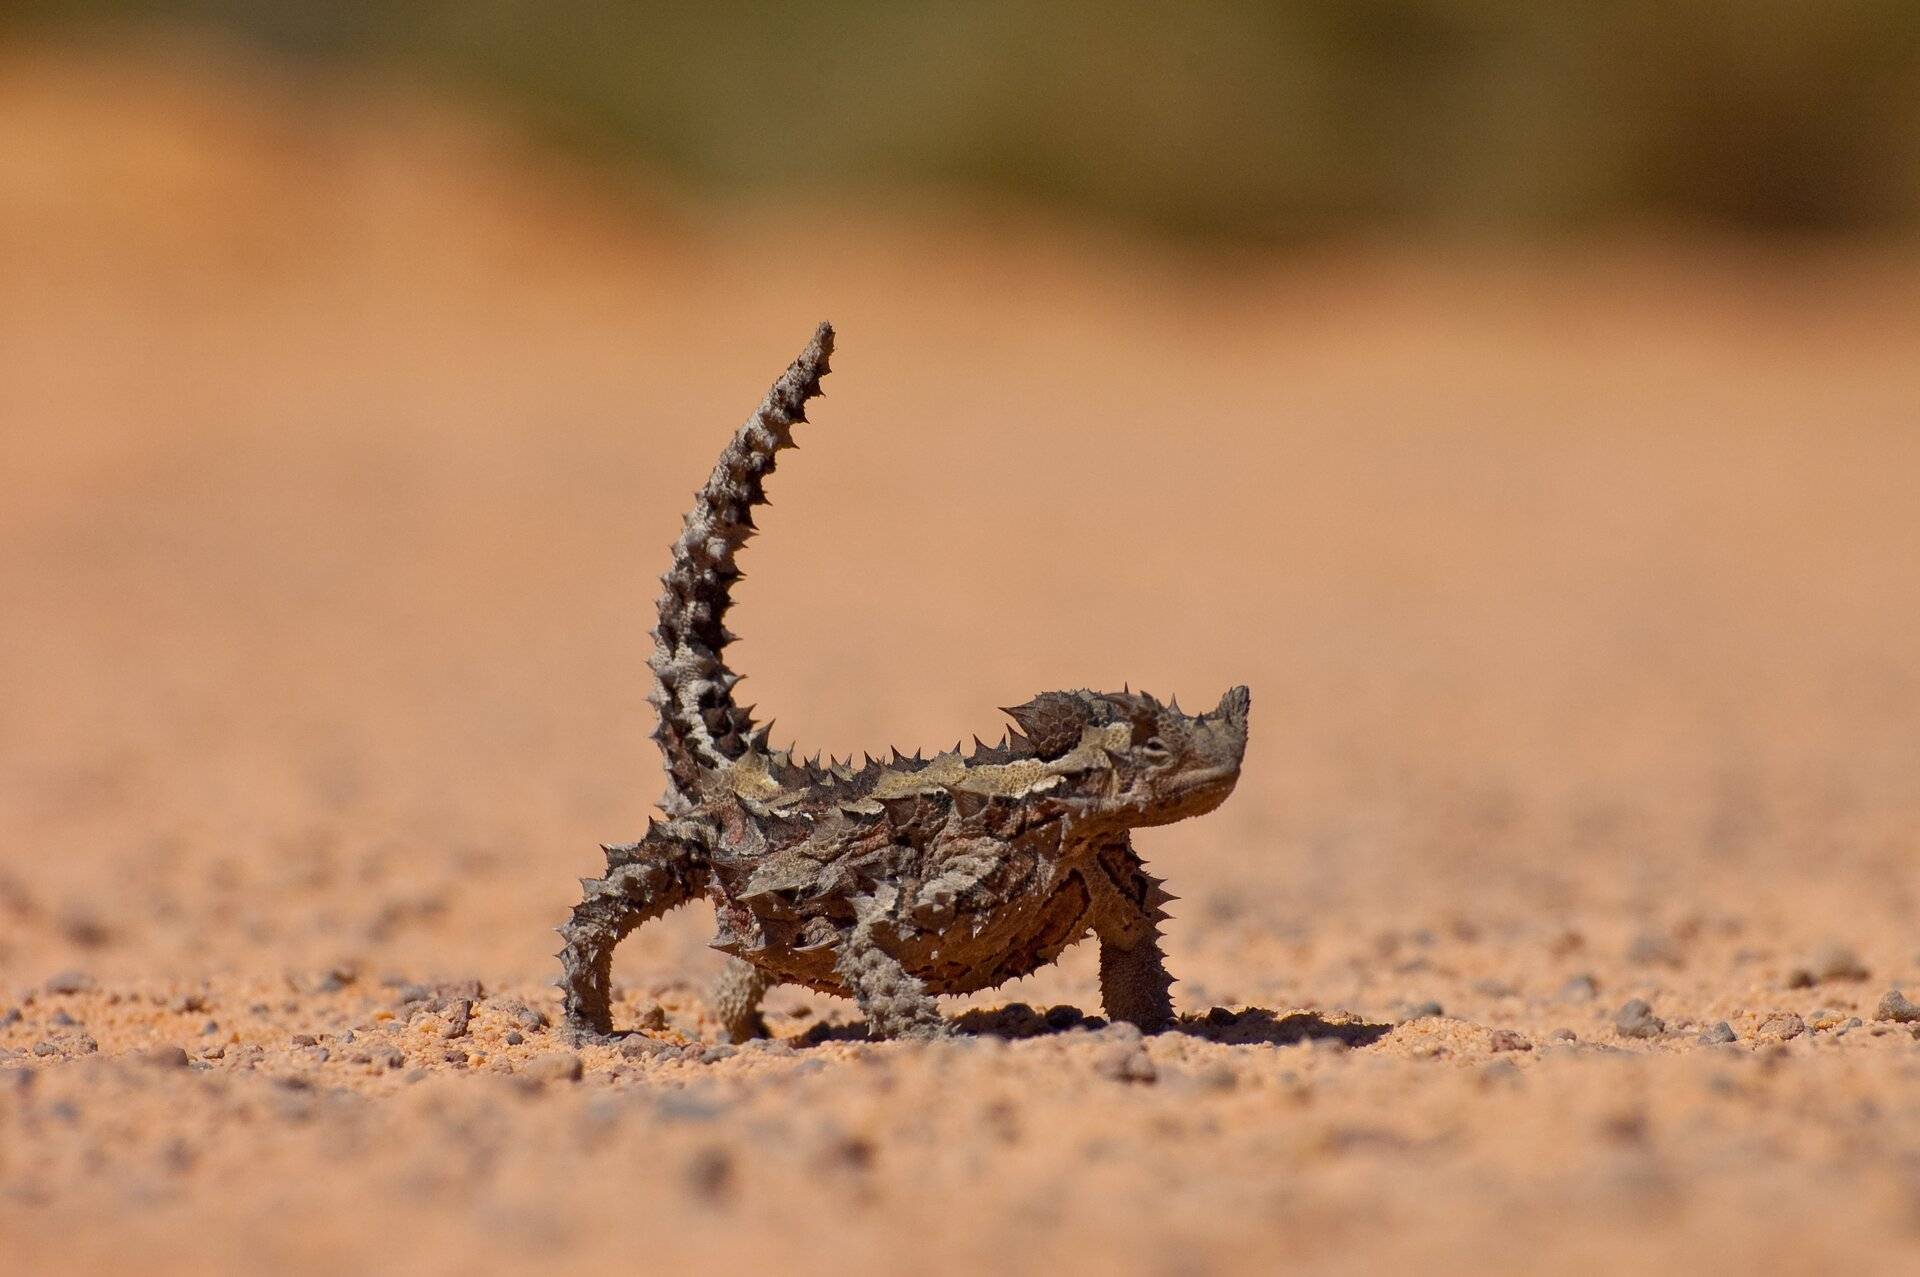 Fotografia druga prezentuje jaszczurkę na piasku widoczną od przodu. Jaszczurka jest kilkunastu centymetrów długości. Ma ciało pokryte łuskami podobnymi do kolców.